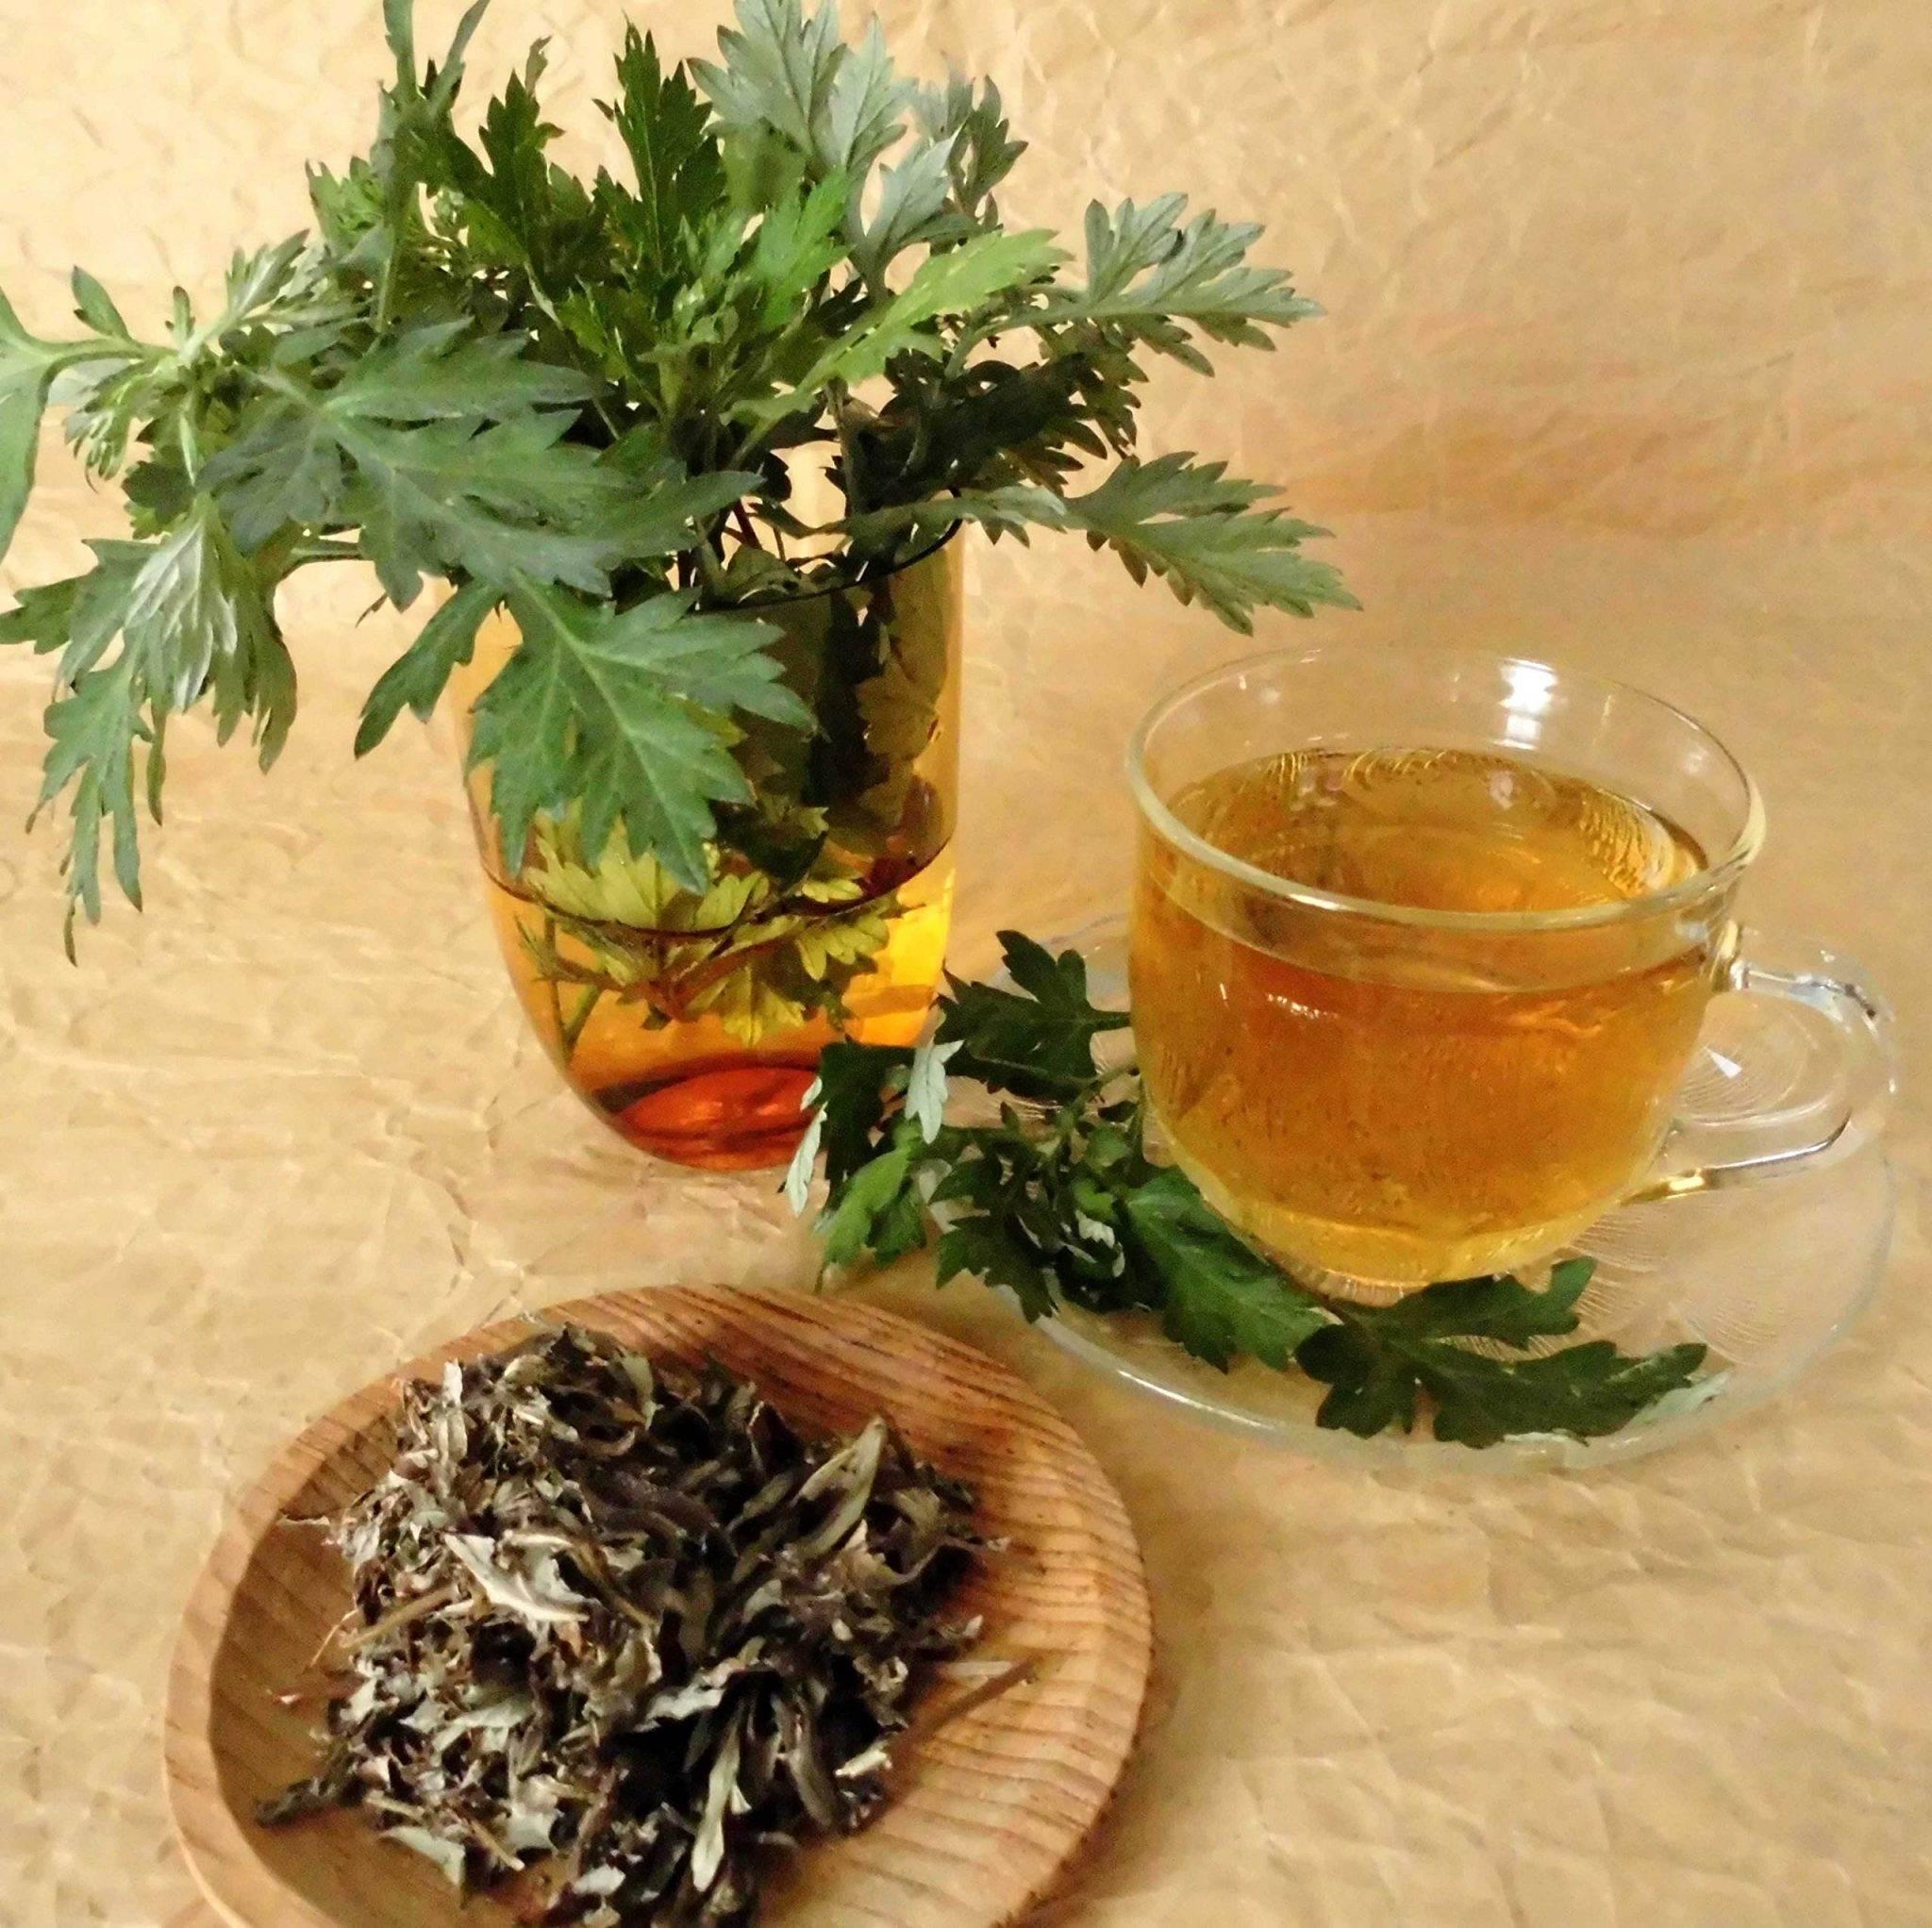 Полынь горькая: лечебные свойства и противопоказания, особенности народных рецептов | здорова и красива